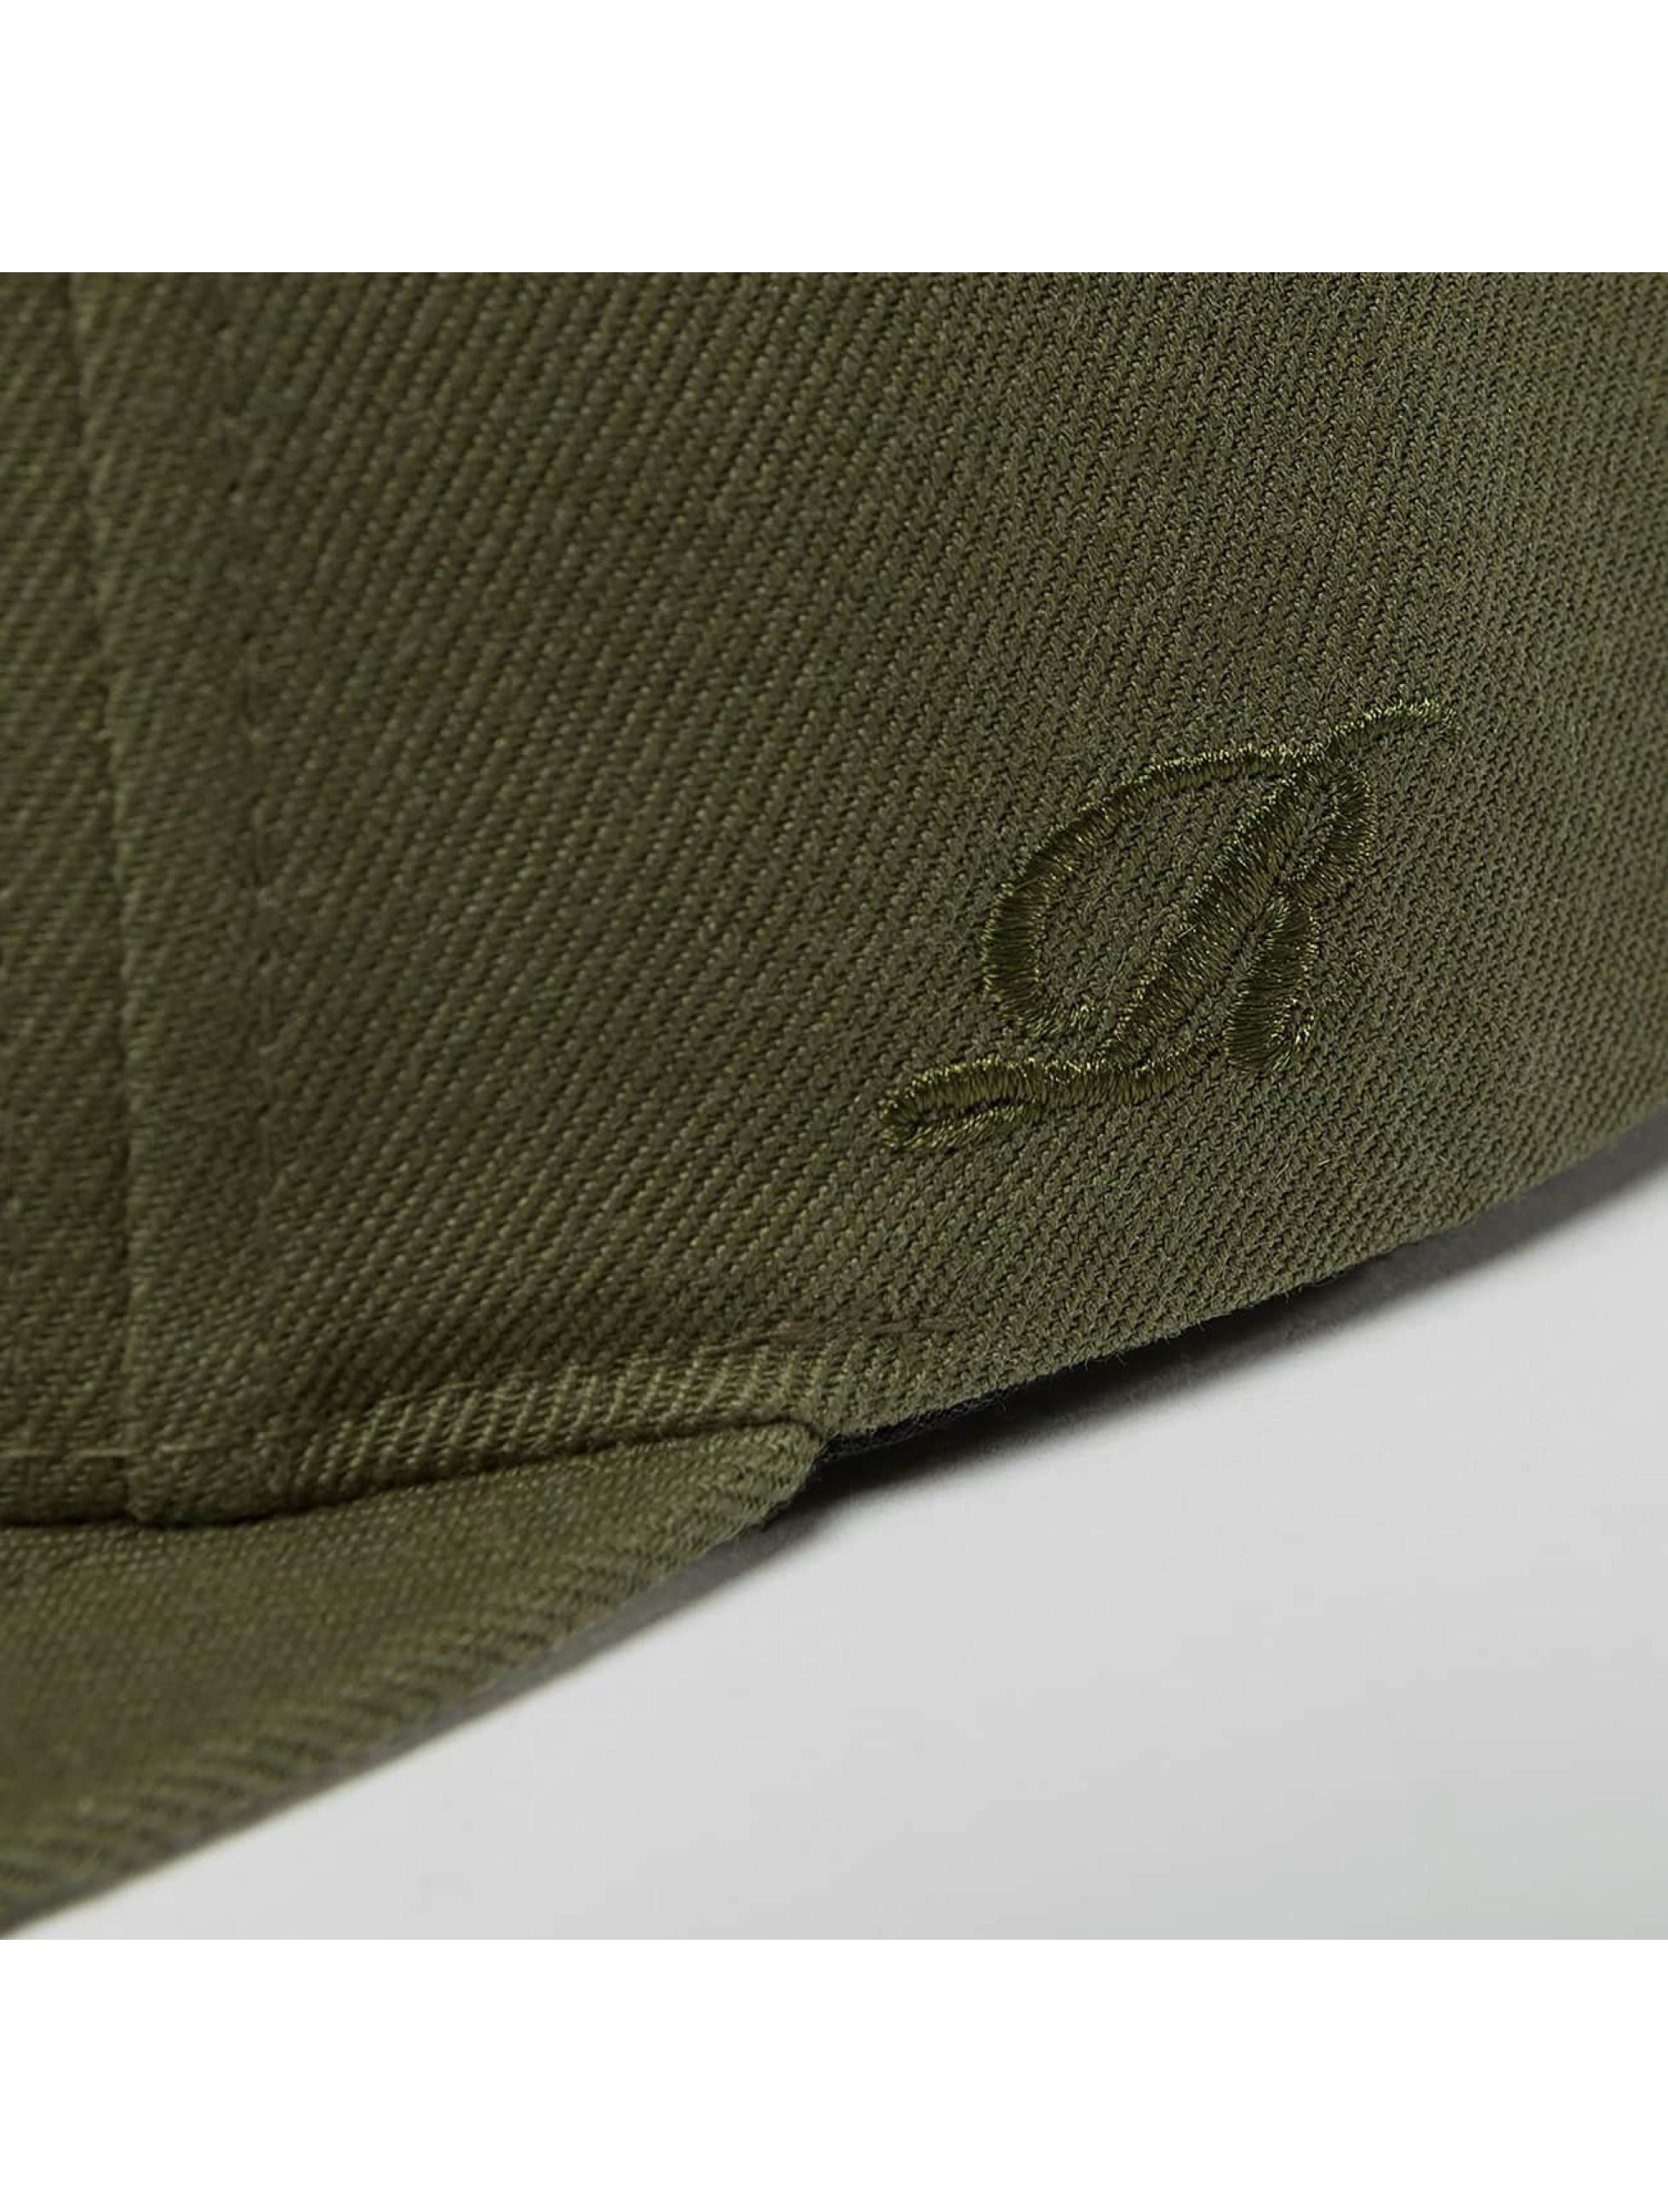 Reell Jeans Snapback Cap Base oliva